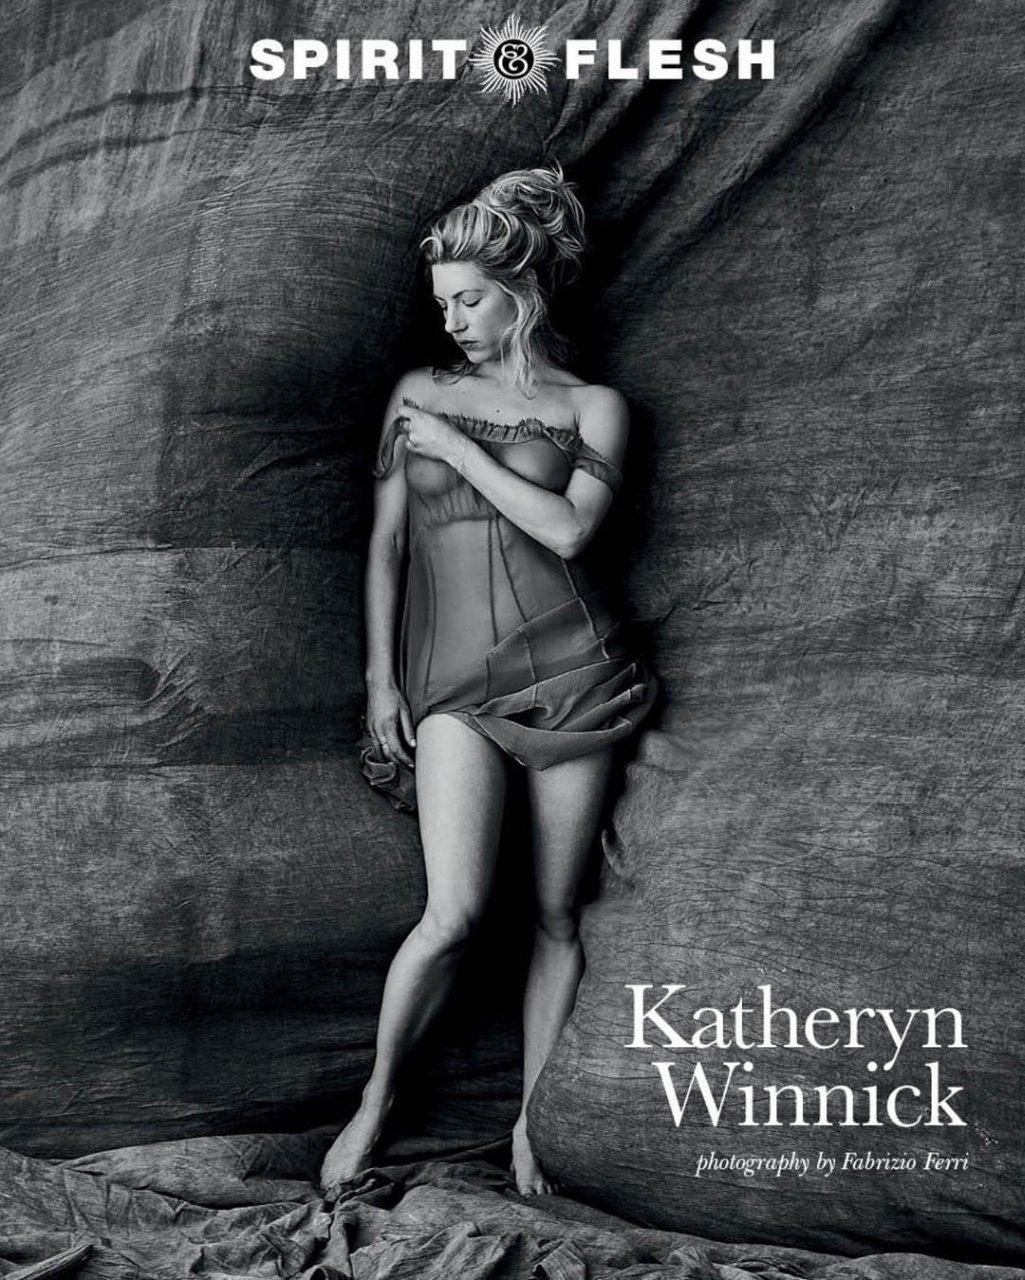 Boobs Naked Katheryn Winnick naked photo 2017